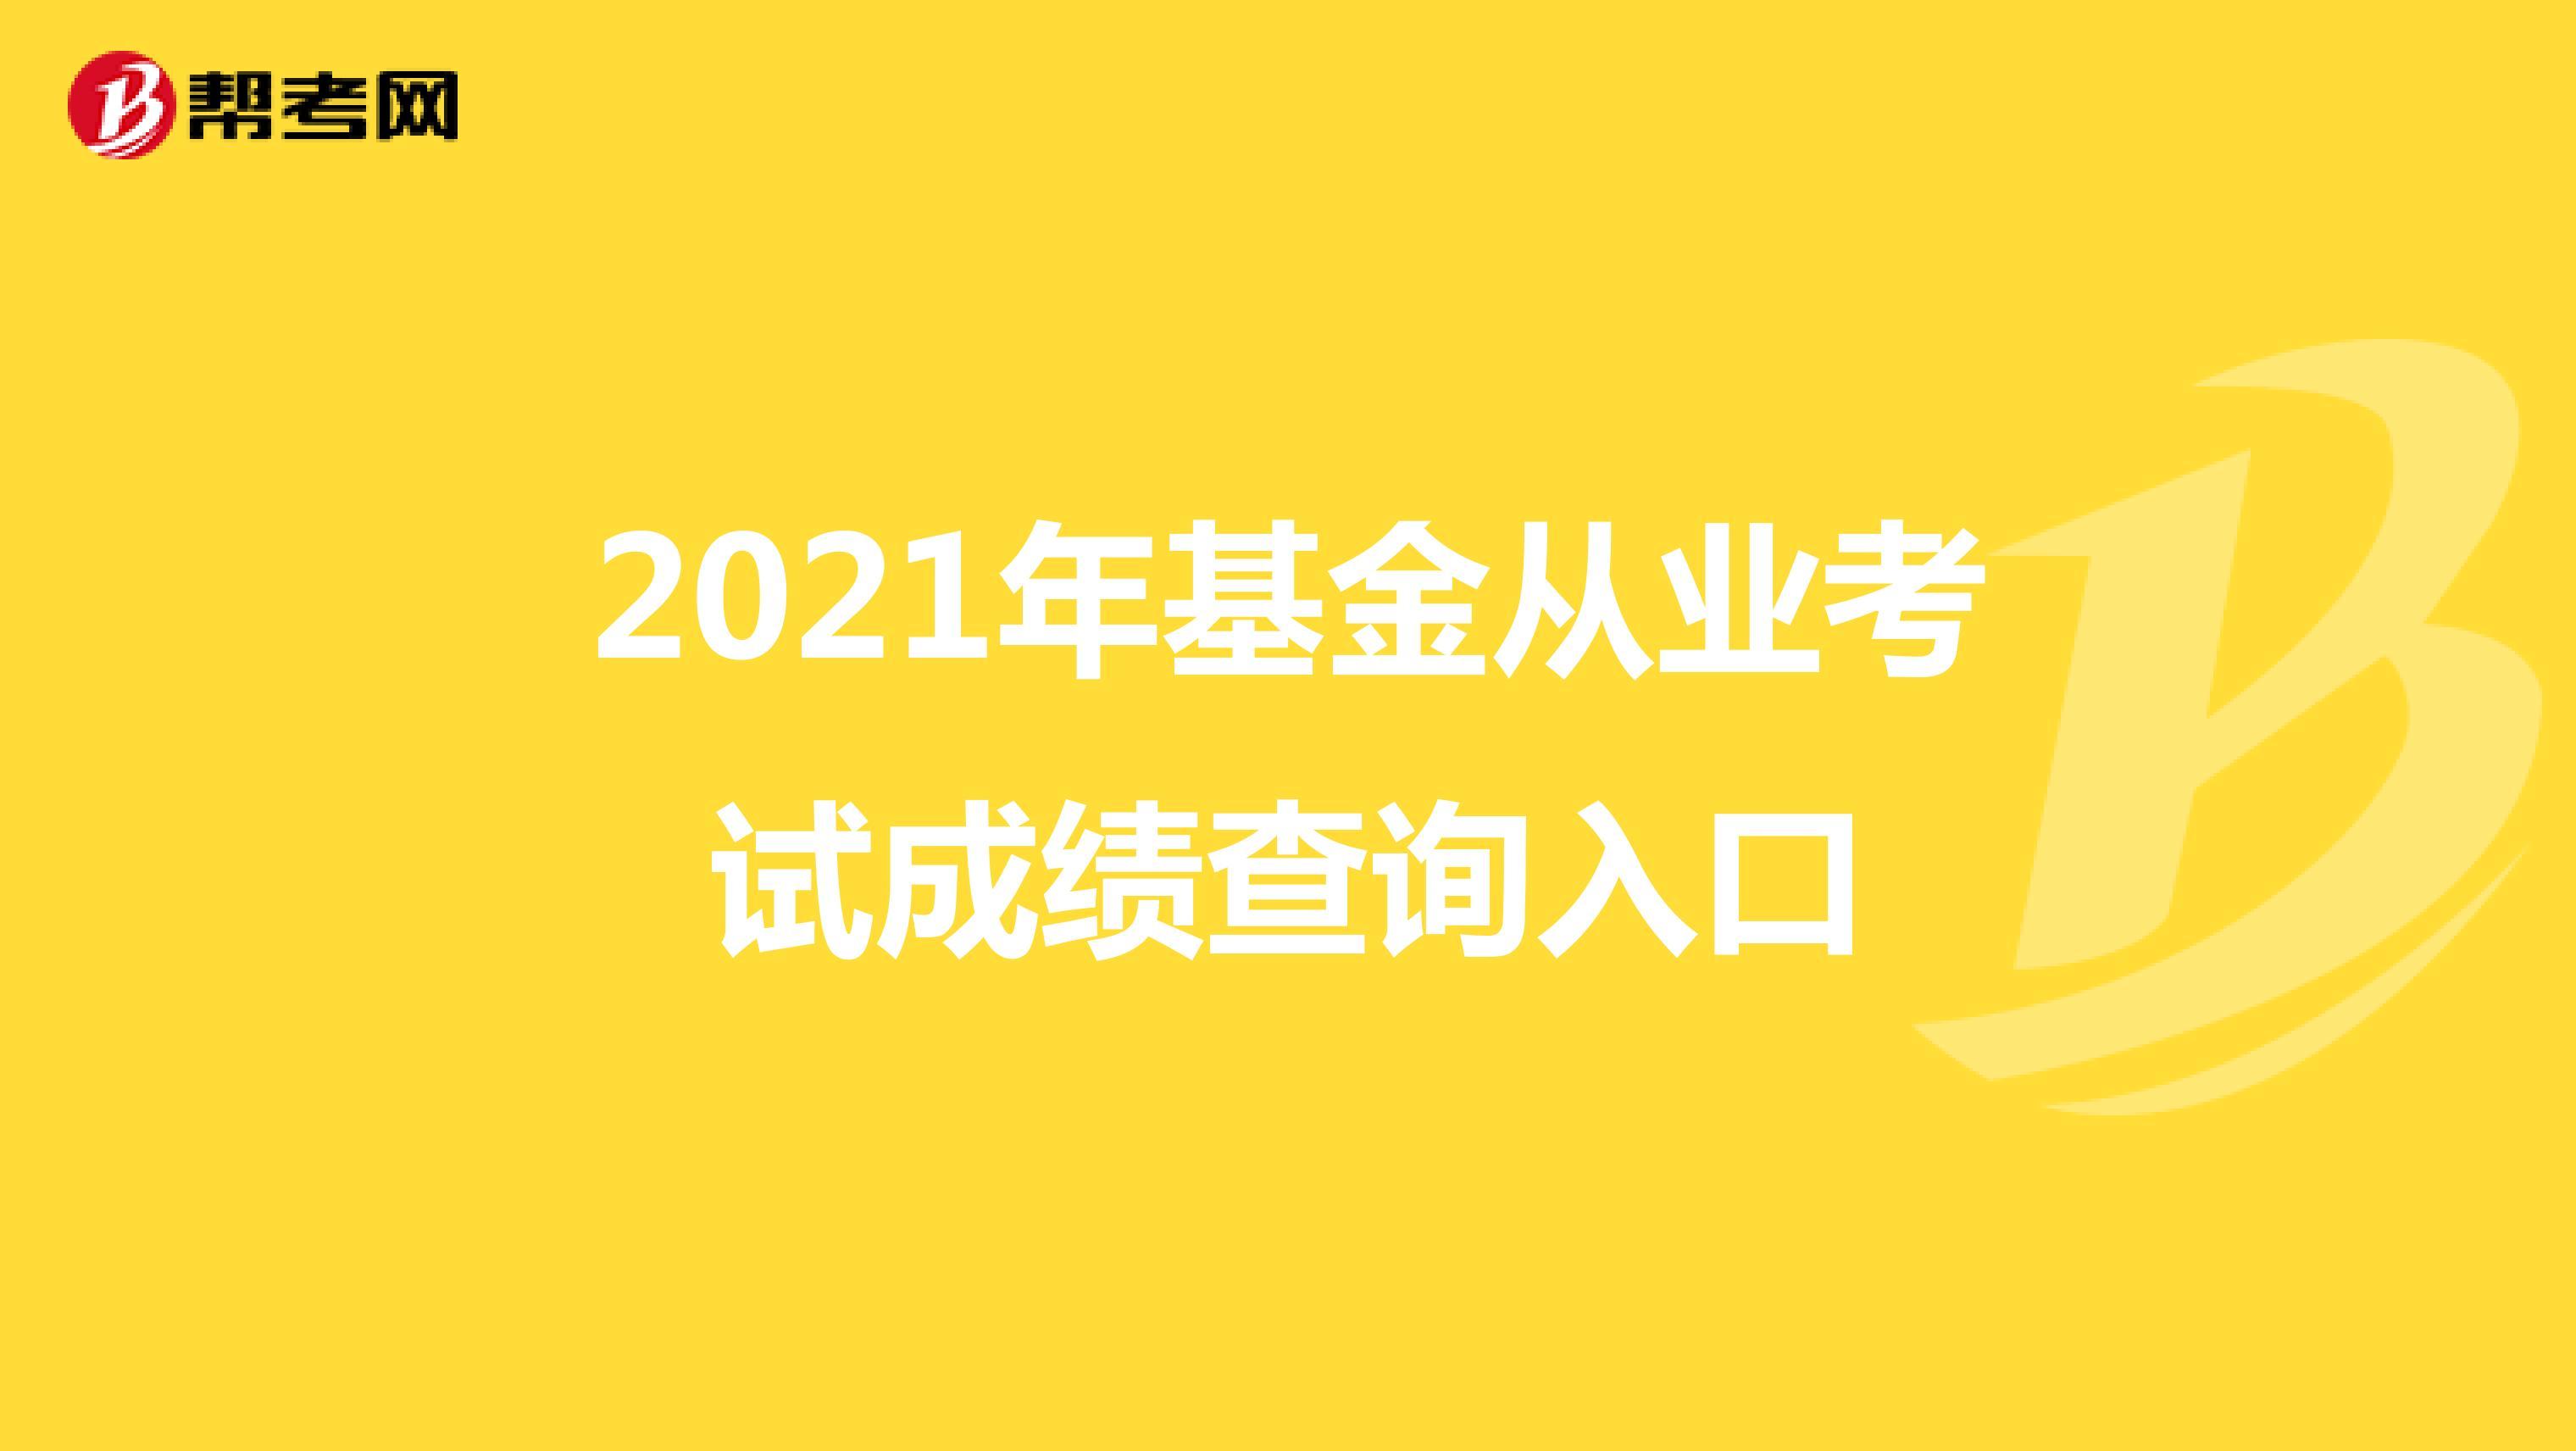 2021年基金从业考试成绩查询入口